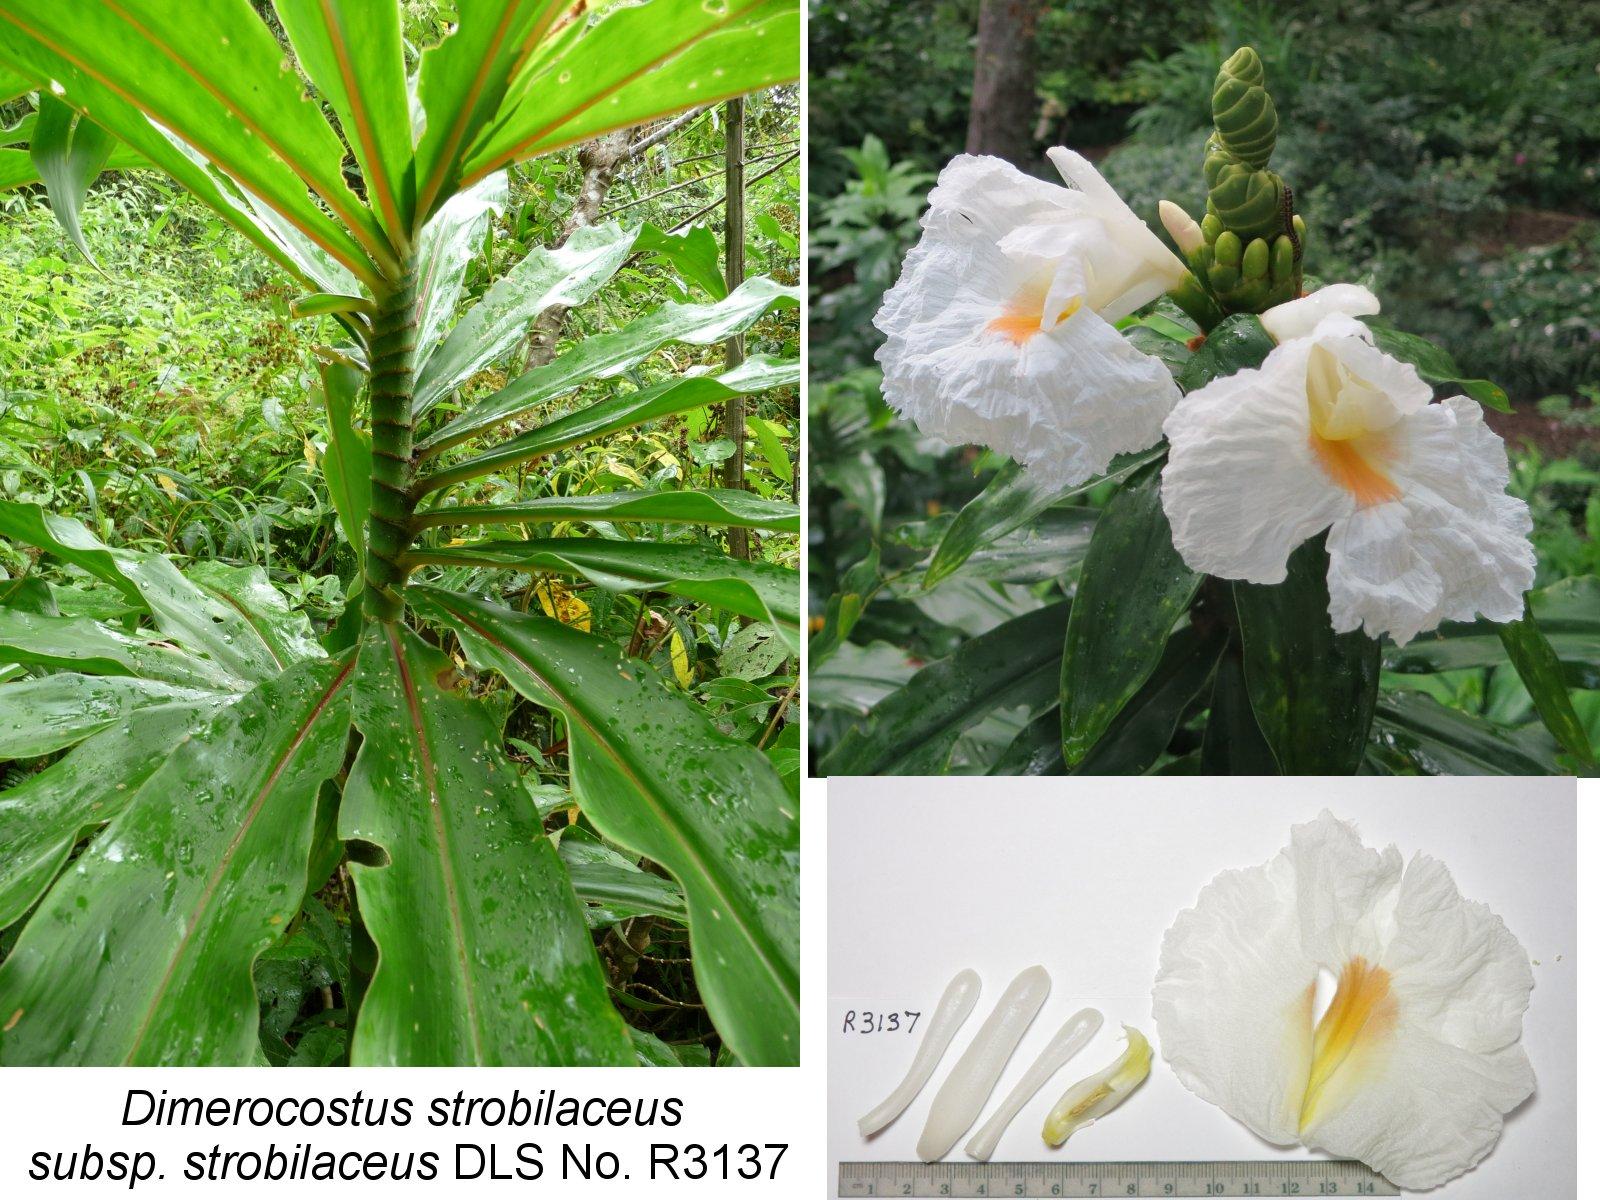 Photo# 17422 - D. strobilaceus subsp. strobilaceus, white flowering form from El Cope, Panama